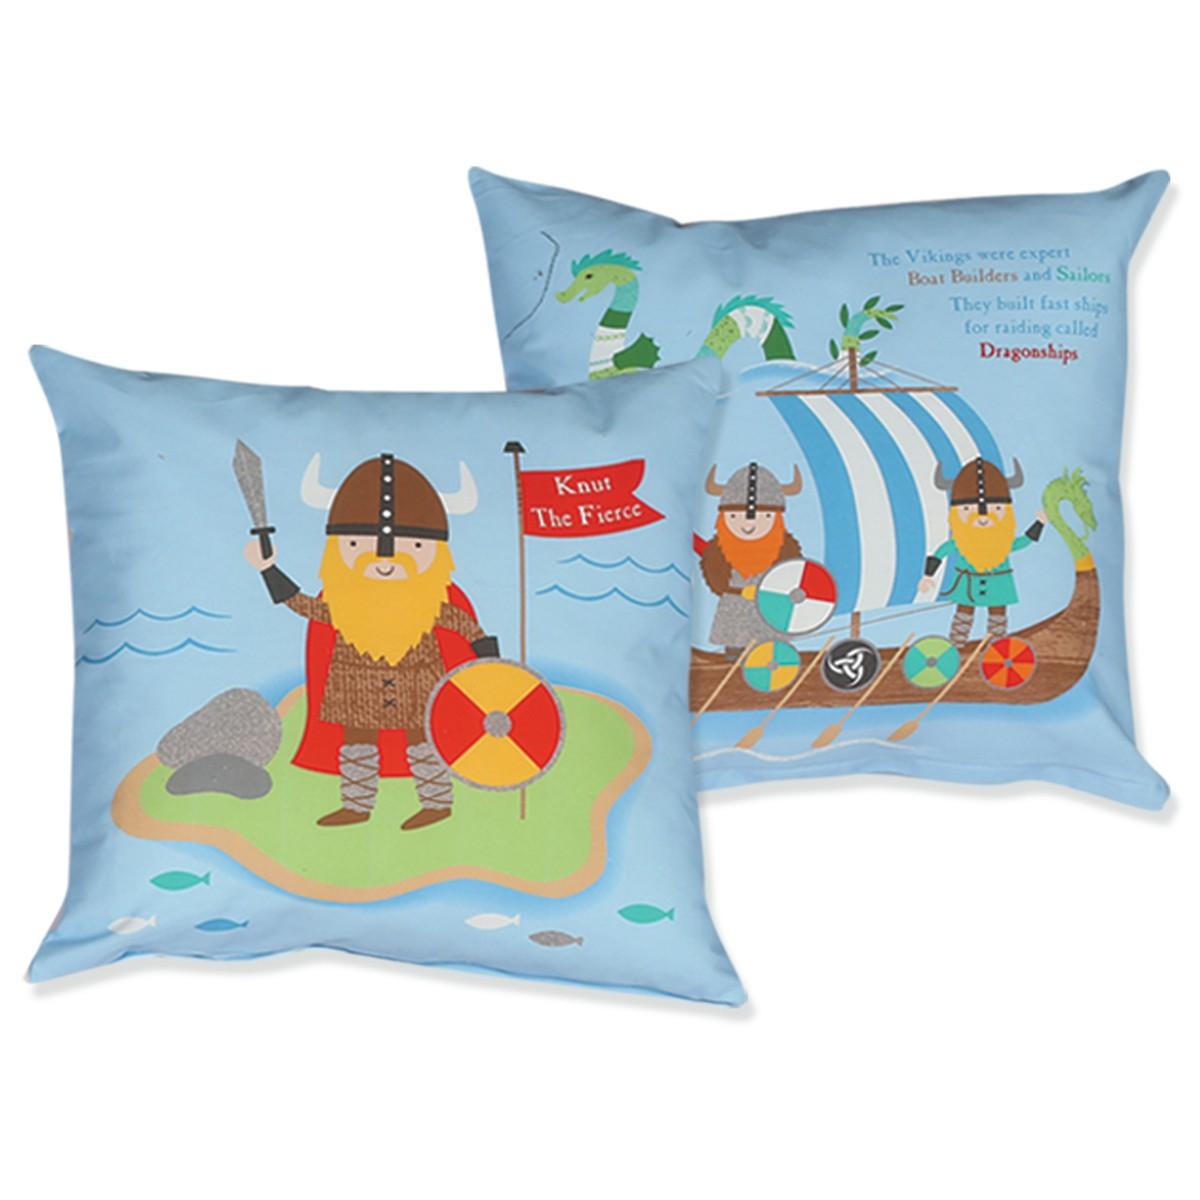 Διακοσμητικό Μαξιλάρι Nef-Nef Junior Vikings home   παιδικά   διακοσμητικά μαξιλάρια παιδικά